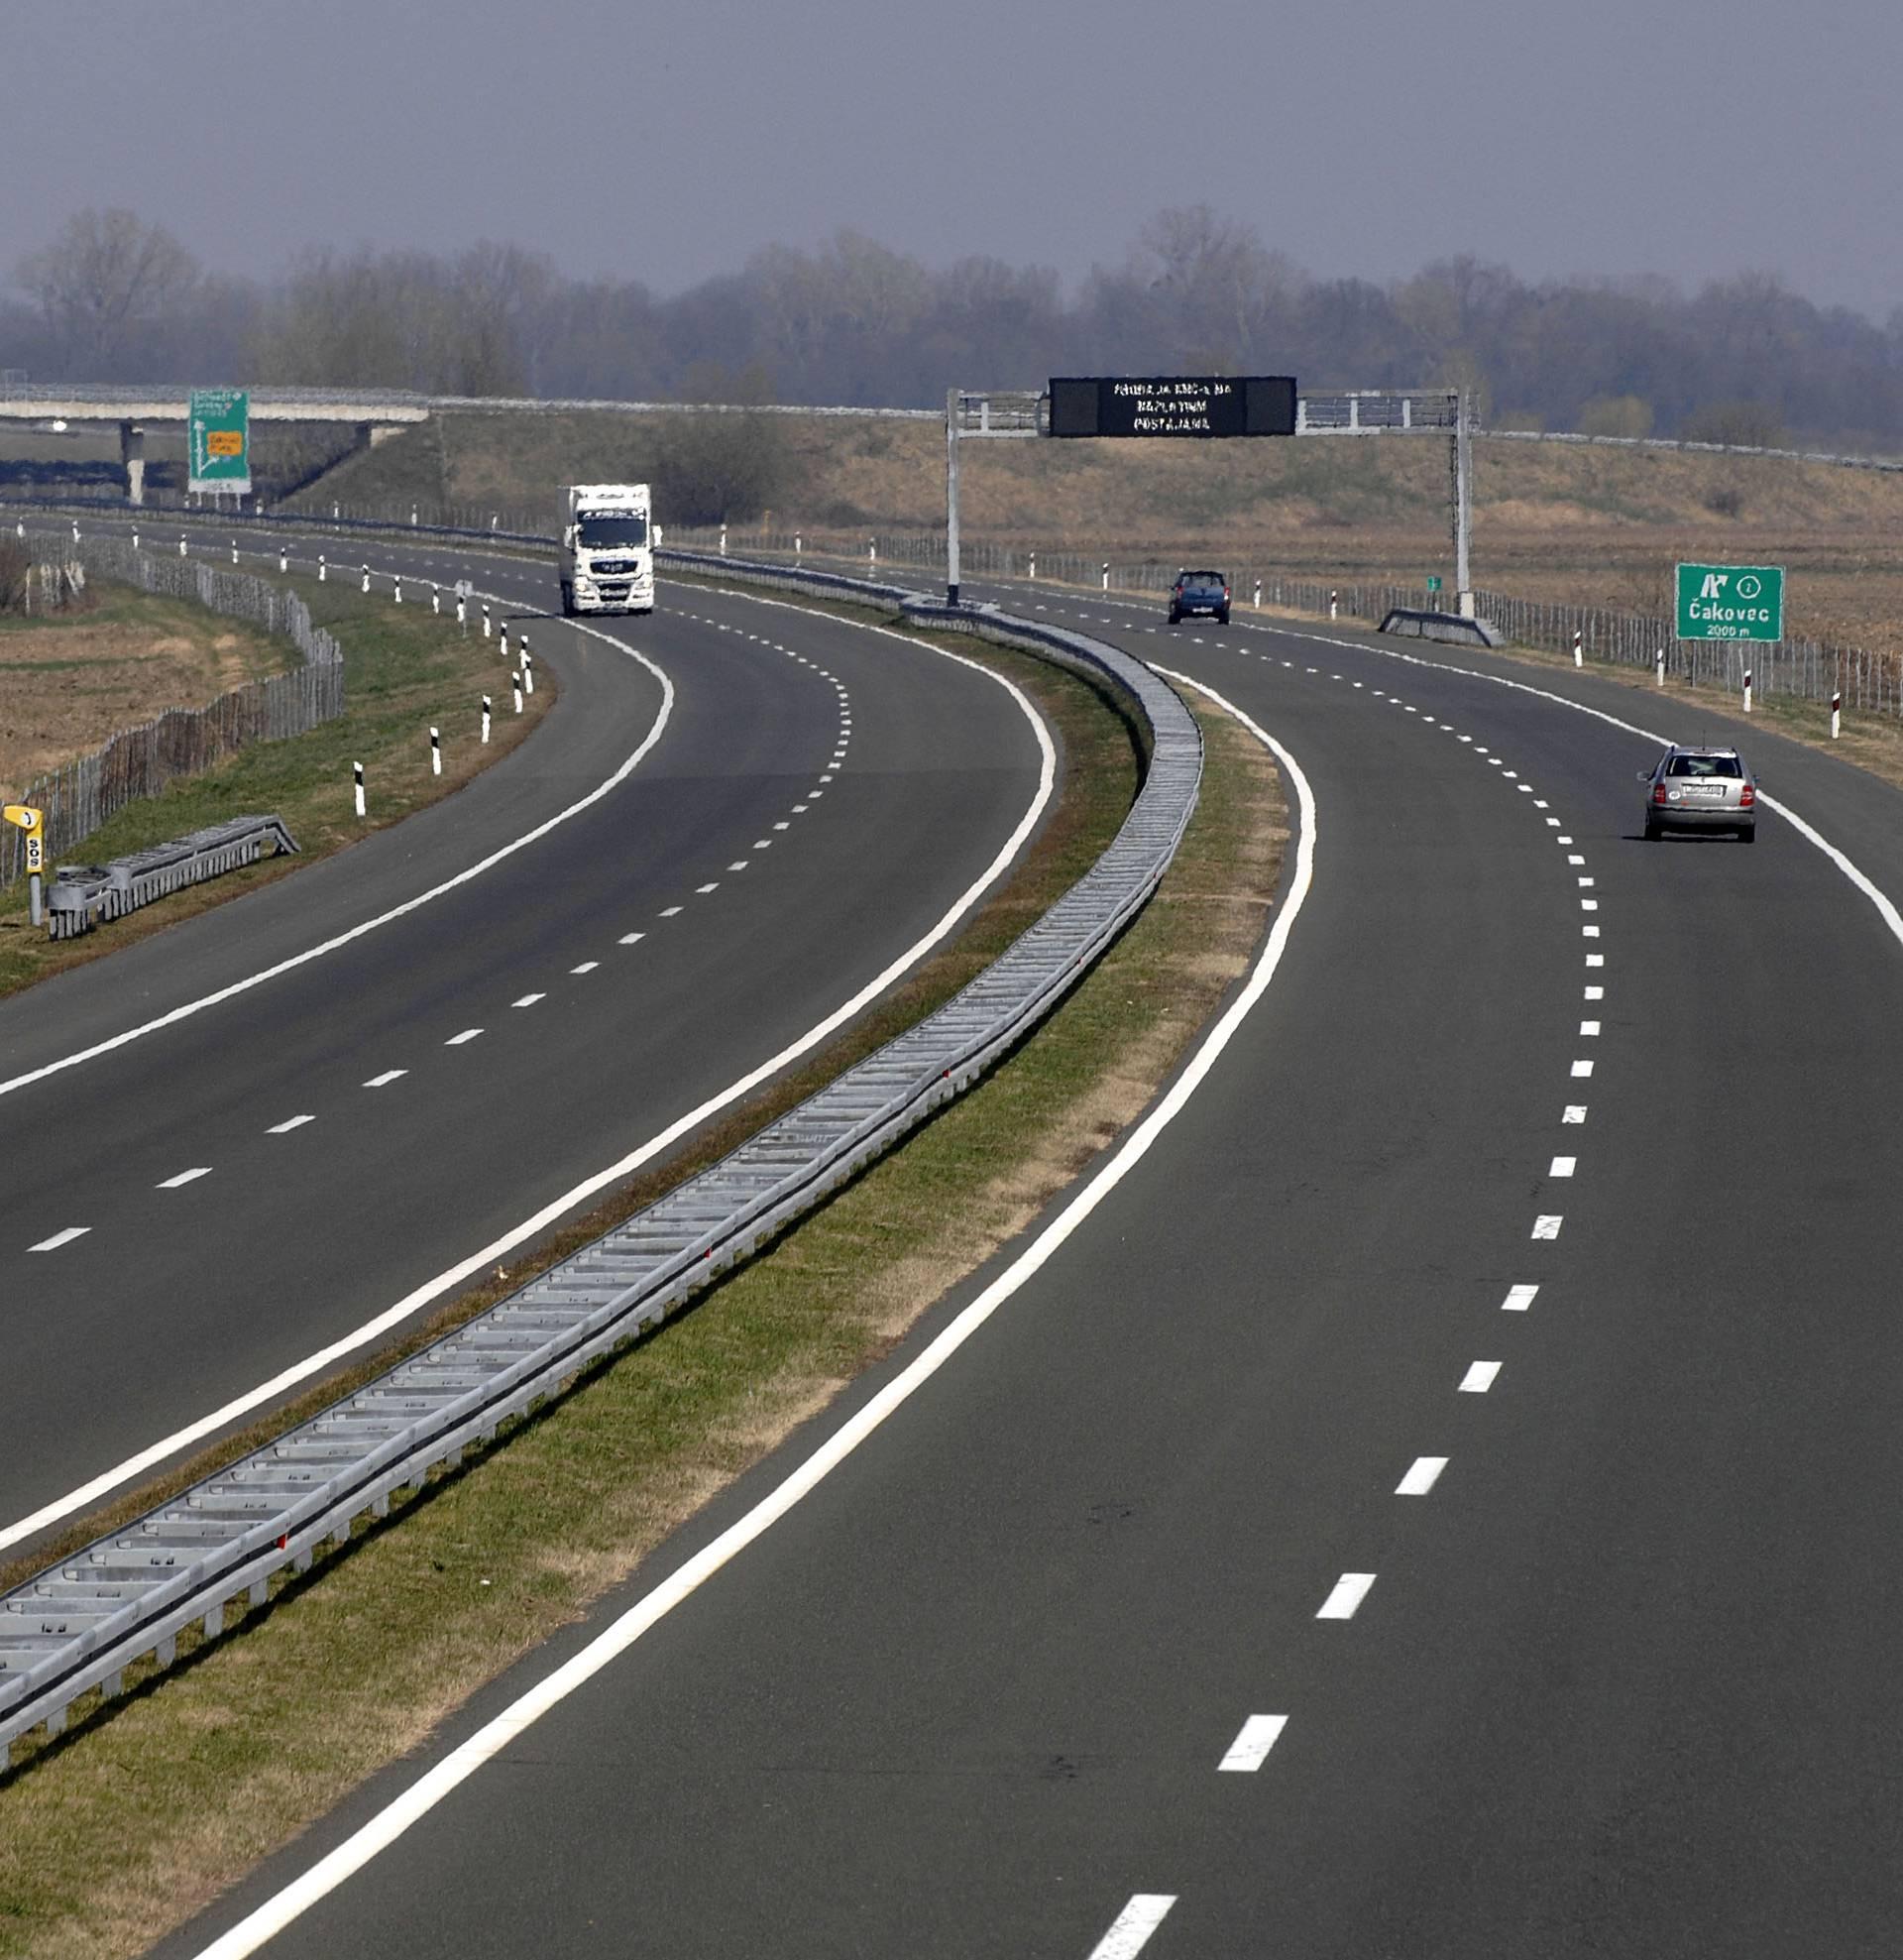 Švicarac i Nijemac autocestom jurili 228 km/h: Utrkivali se?